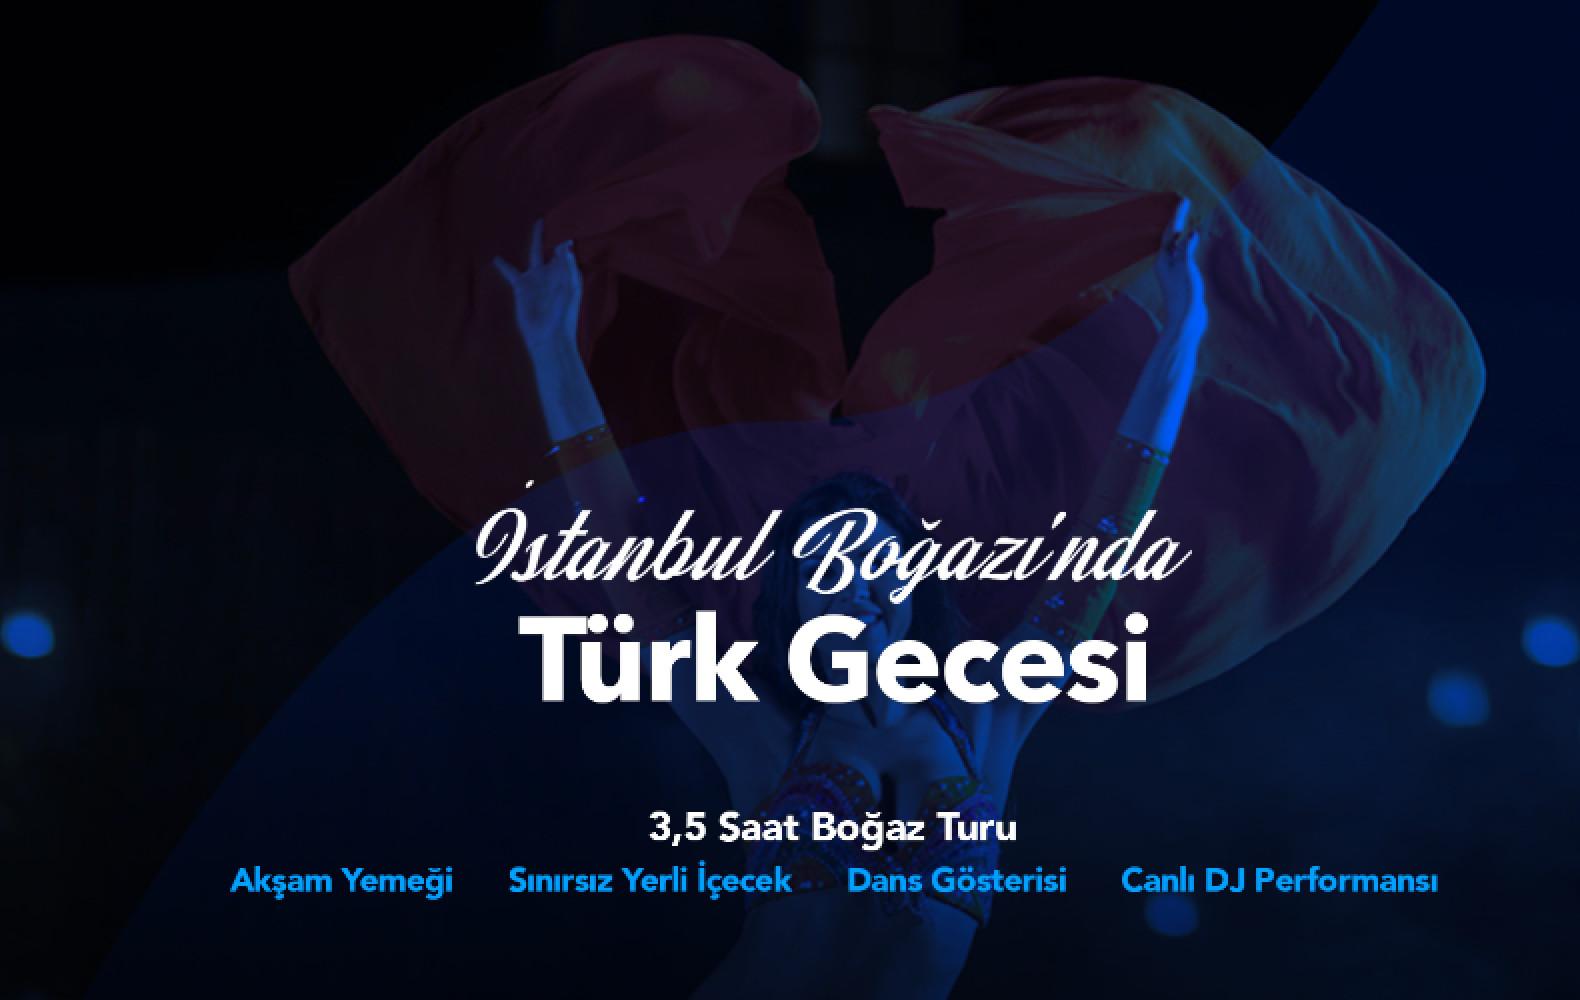 İstanbul Boğazı'nda Türk Gecesi